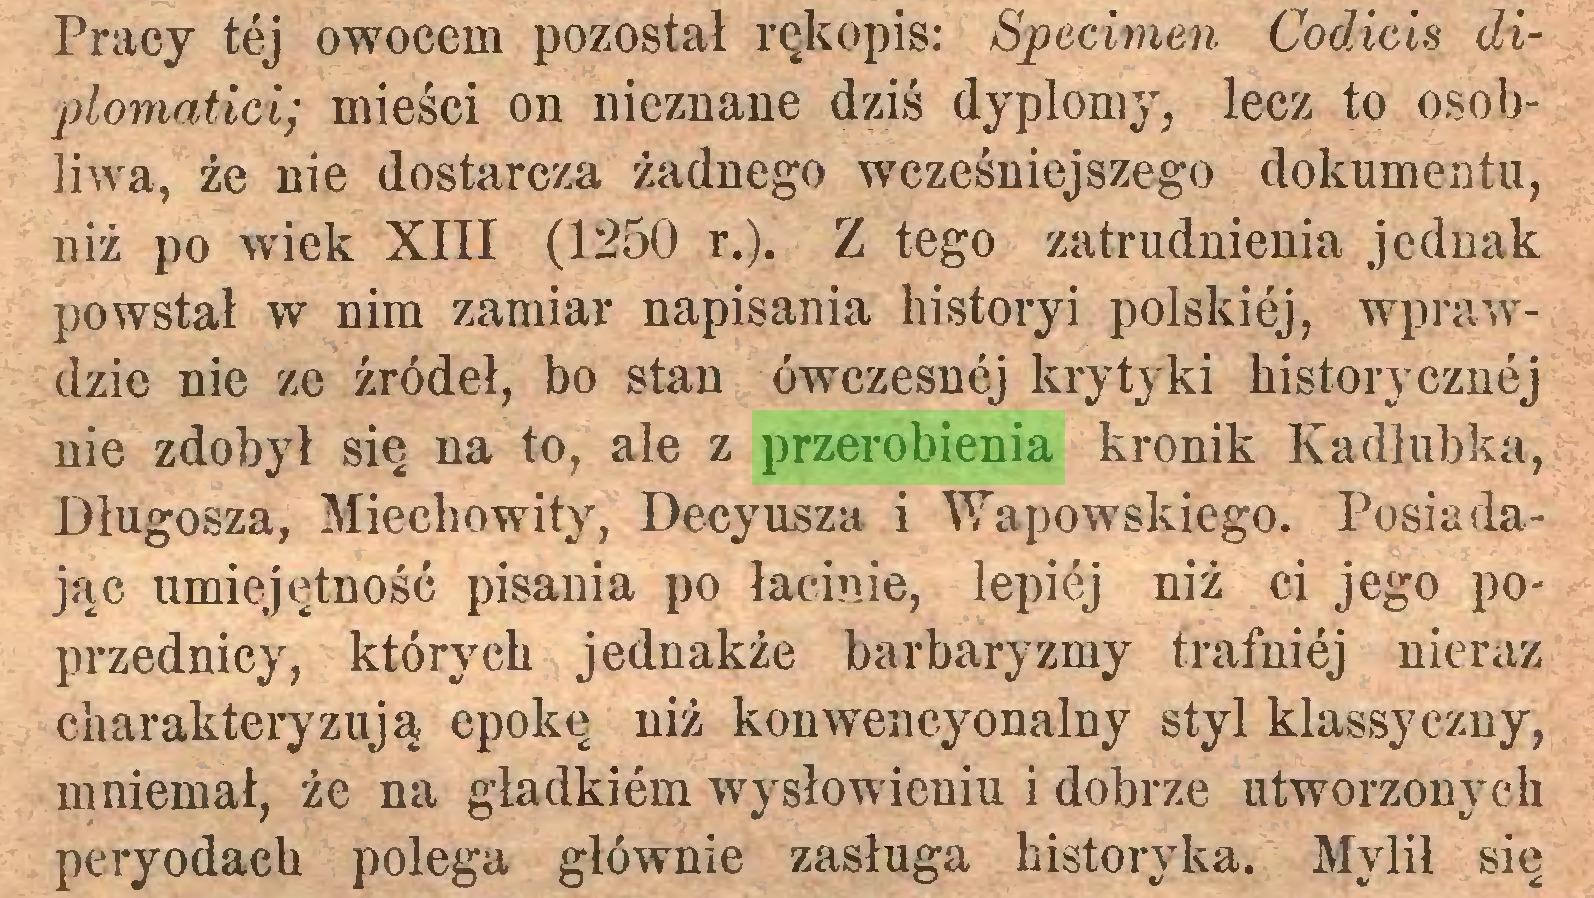 (...) Pracy tej owocem pozostał rękopis: Specimen Codicis diplomatici; mieści on nieznane dziś dyplomy, lecz to osobliwa, że nie dostarcza żadnego wcześniejszego dokumentu, niż po wiek XIII (1250 r.). Z tego zatrudnienia jednak powstał w nim zamiar napisania historyi polskiej, wprawdzie nie ze źródeł, bo stan ówczesnej krytyki historycznej nie zdobył się na to, ale z przerobienia kronik Kadłubka, Długosza, Miechowity, Decyusza i Wapowskiego. Posiadając umiejętność pisania po łacinie, lepiej niż ci jego poprzednicy, których jednakże barbaryzmy trafniej nieraz charakteryzują epokę niż konwencyonalny styl klassyczny, mniemał, że na gładkiem wysłowieniu i dobrze utworzonych peryodaeh polega głównie zasługa historyka. Mylił się...